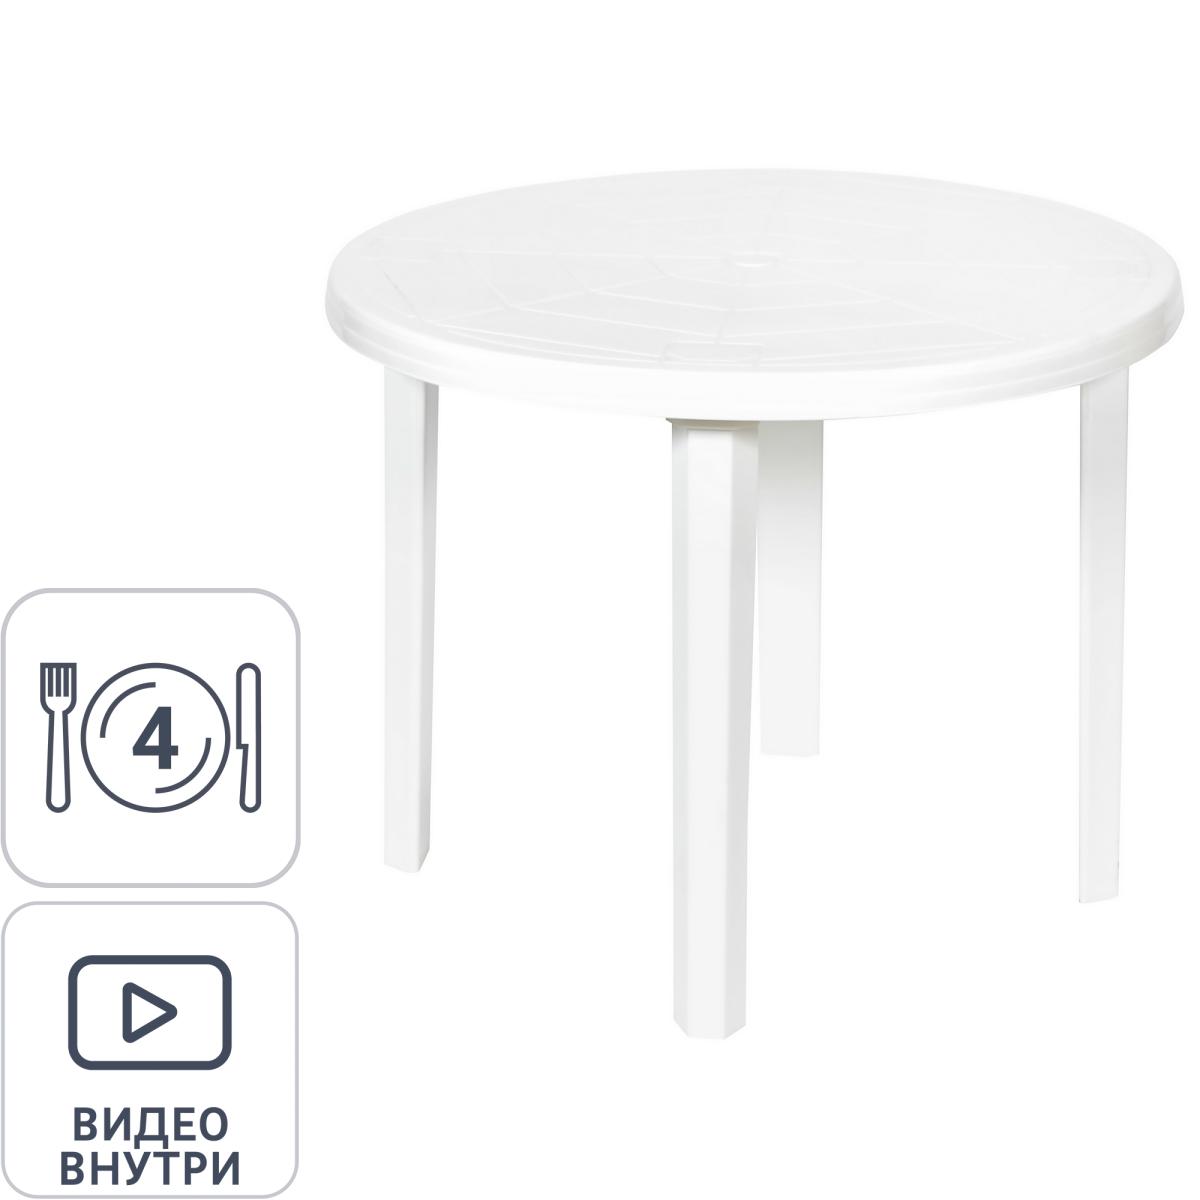 Стол садовый круглый 85.5x71x85.5 см пластик цвет белый